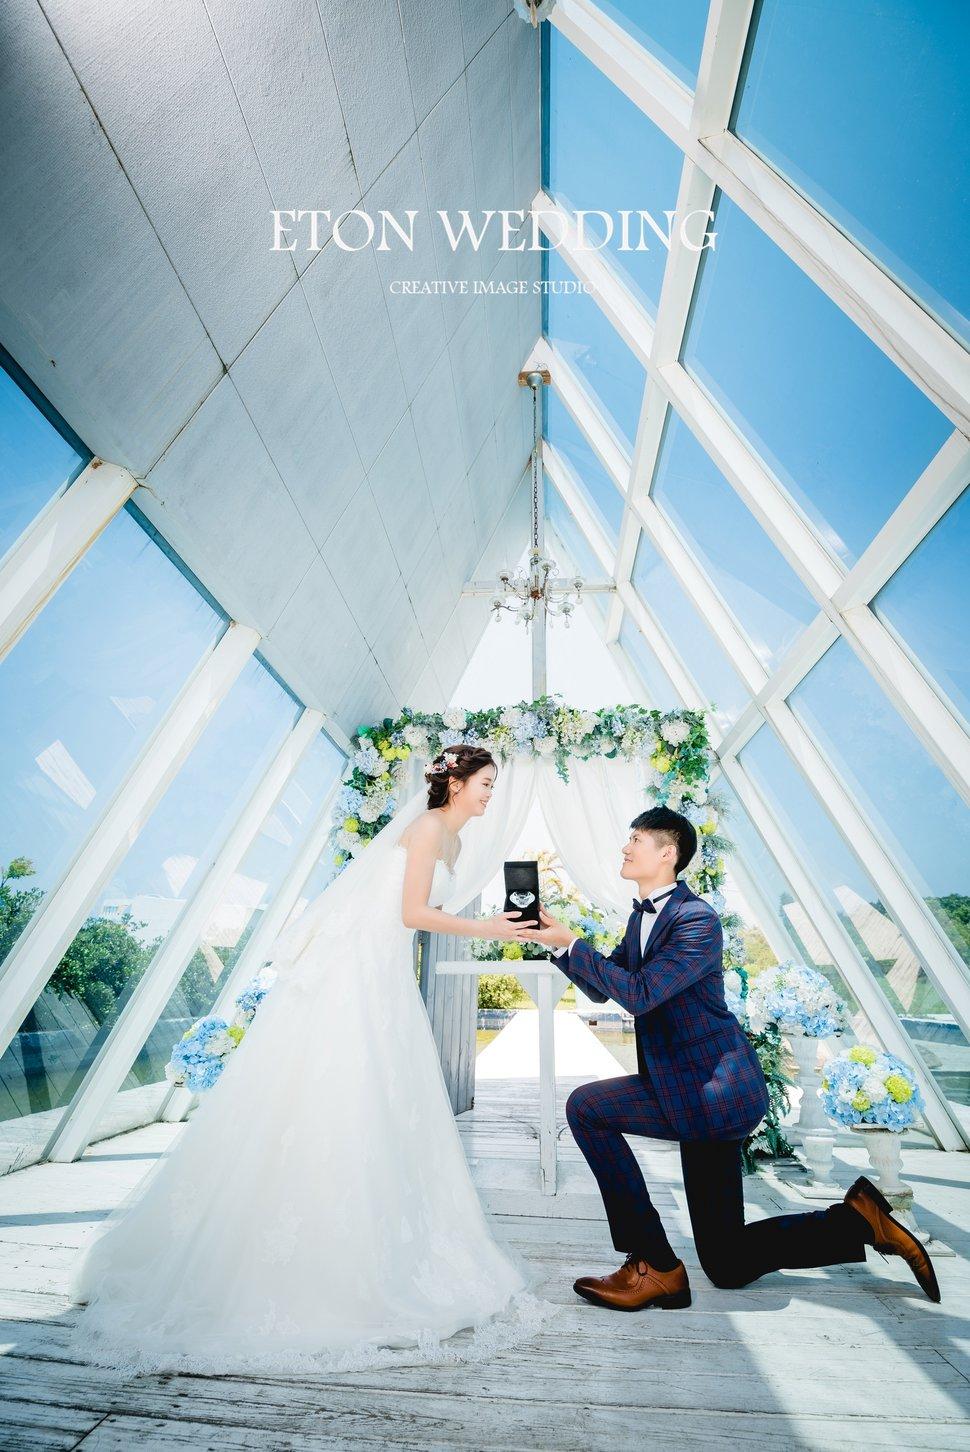 2019台北婚紗推薦,伊頓自助婚紗 (14) - 伊頓自助婚紗 ▌台北高雄板橋桃園新竹台南《結婚吧》